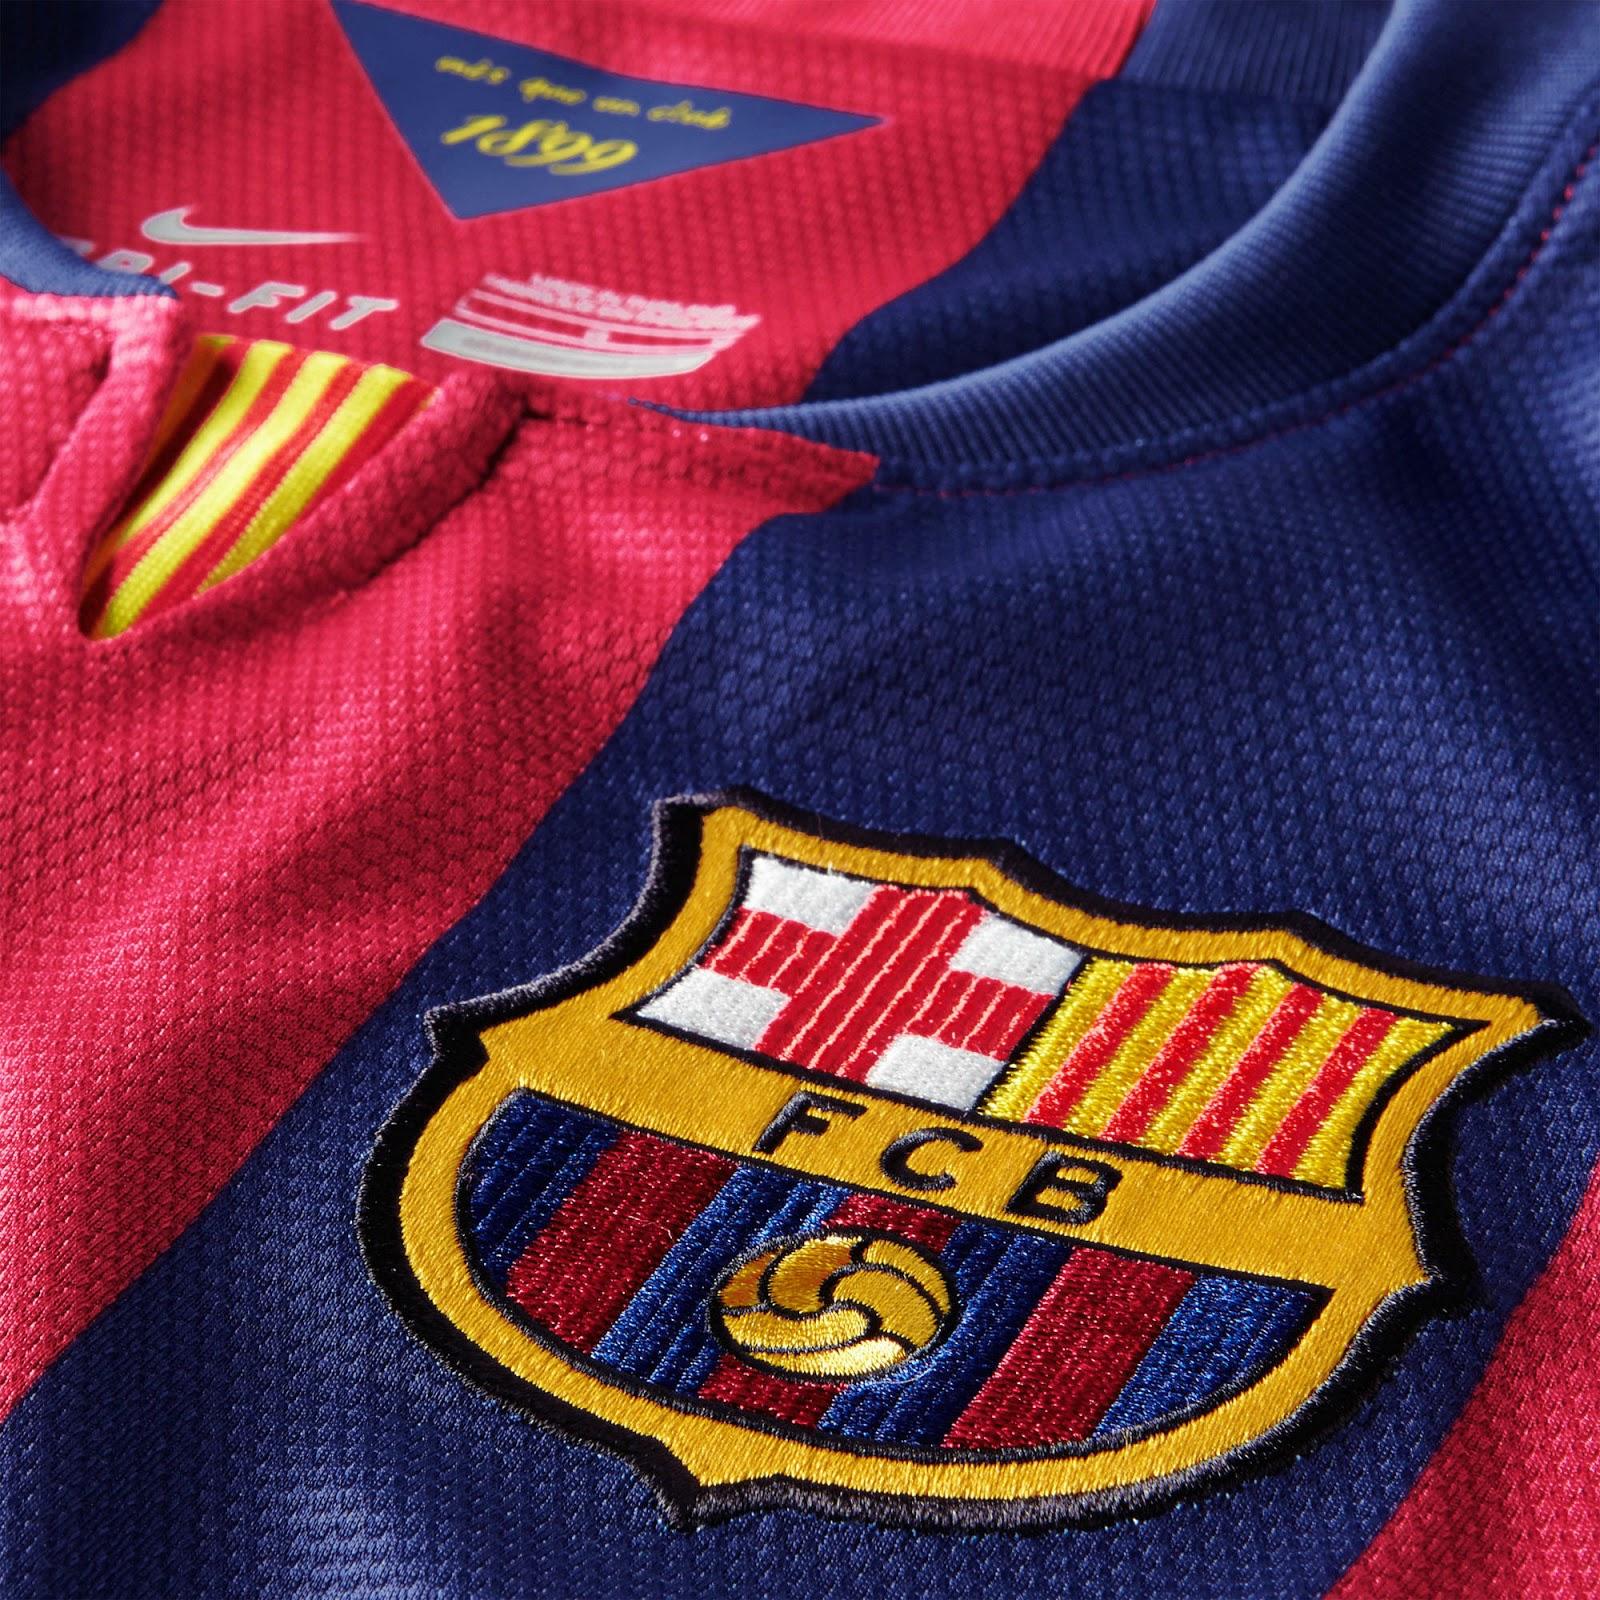 El FC Barcelona negocia el mayor contrato de patrocinio de su historia ...